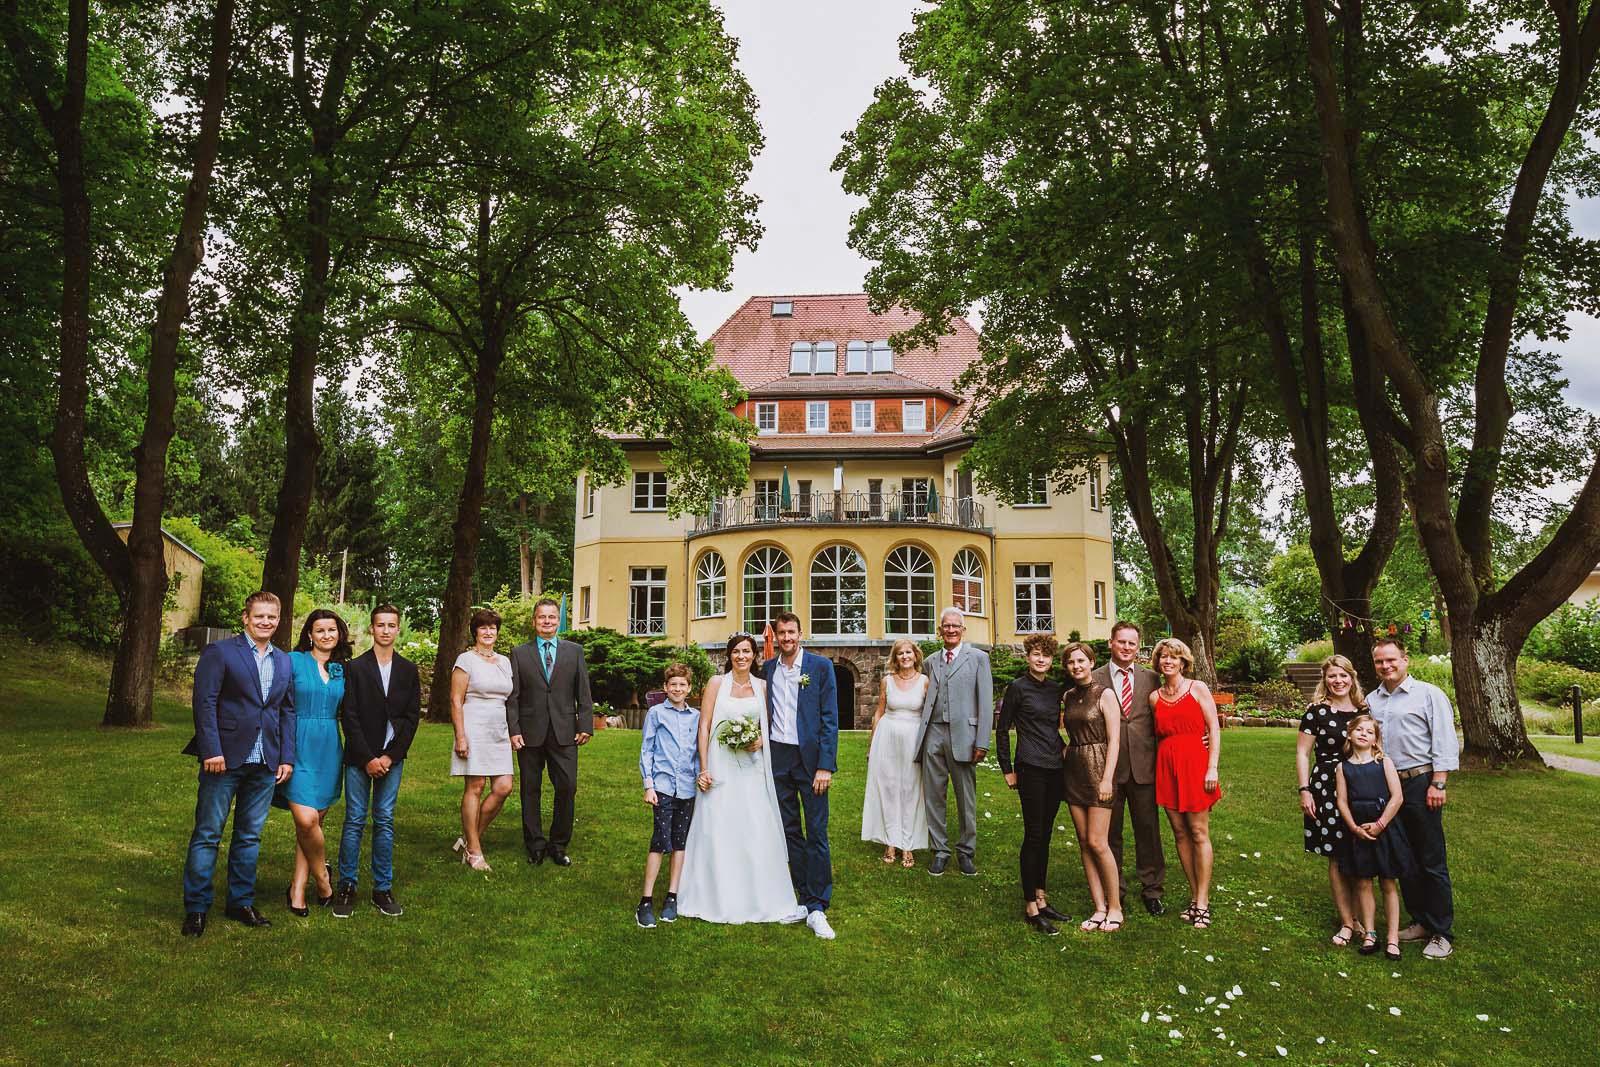 Gruppenfoto im Garten vom Landhaus Himmelpfort gestellt vom Hochzeitsfotograf Copyright by Hochzeitsfotograf www.berliner-hochzeitsfotografie.de